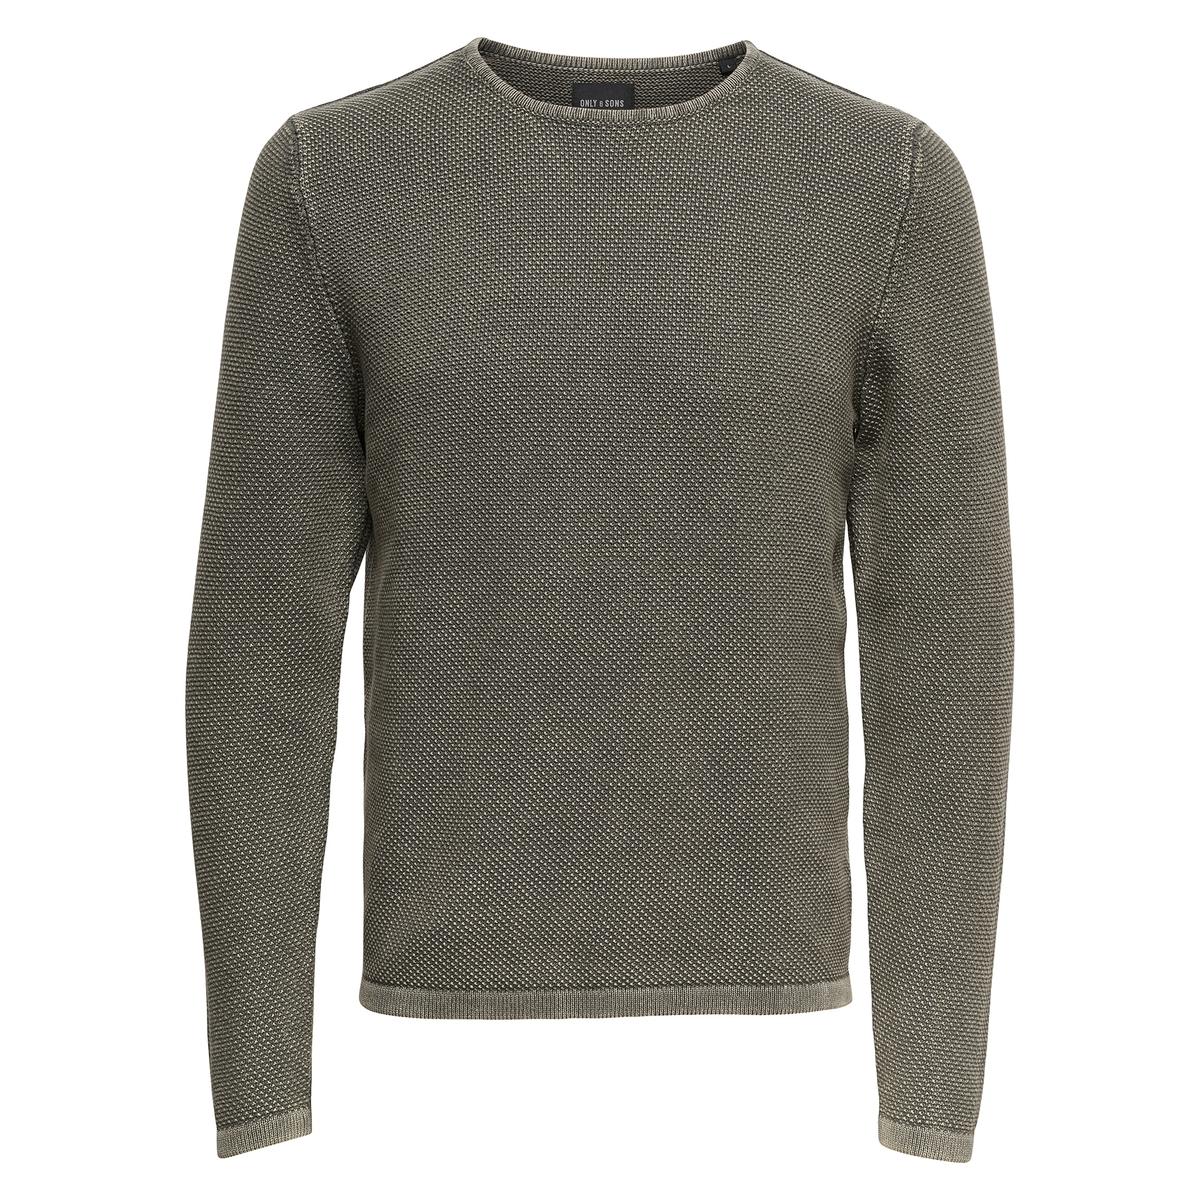 цена Пуловер La Redoute С круглым вырезом из тонкого трикотажа XXL зеленый онлайн в 2017 году